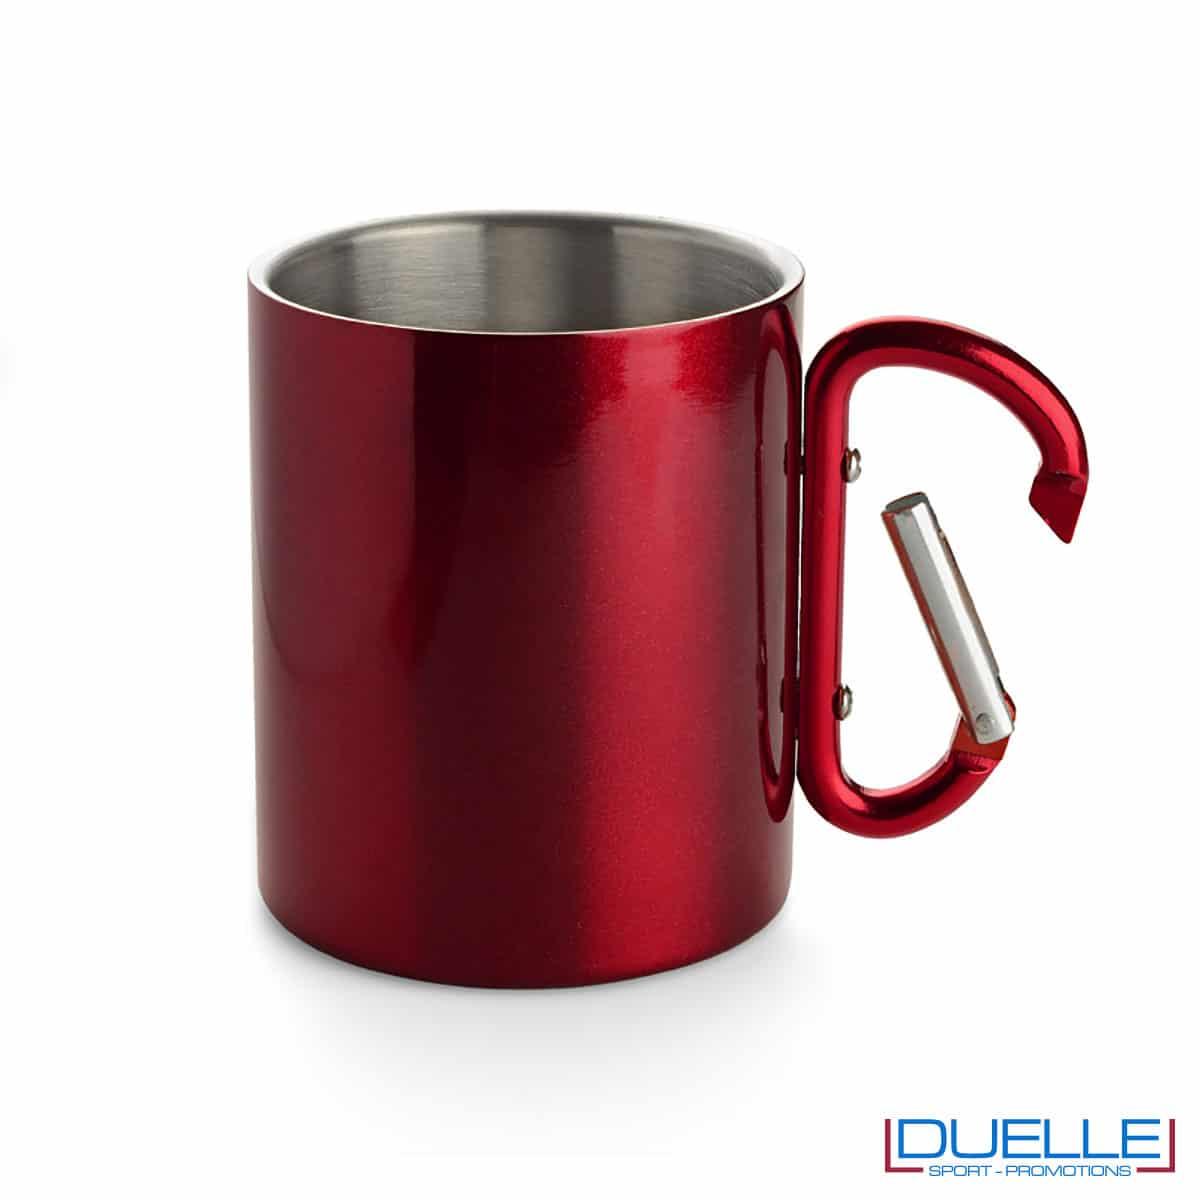 tazza con moschettone rosso